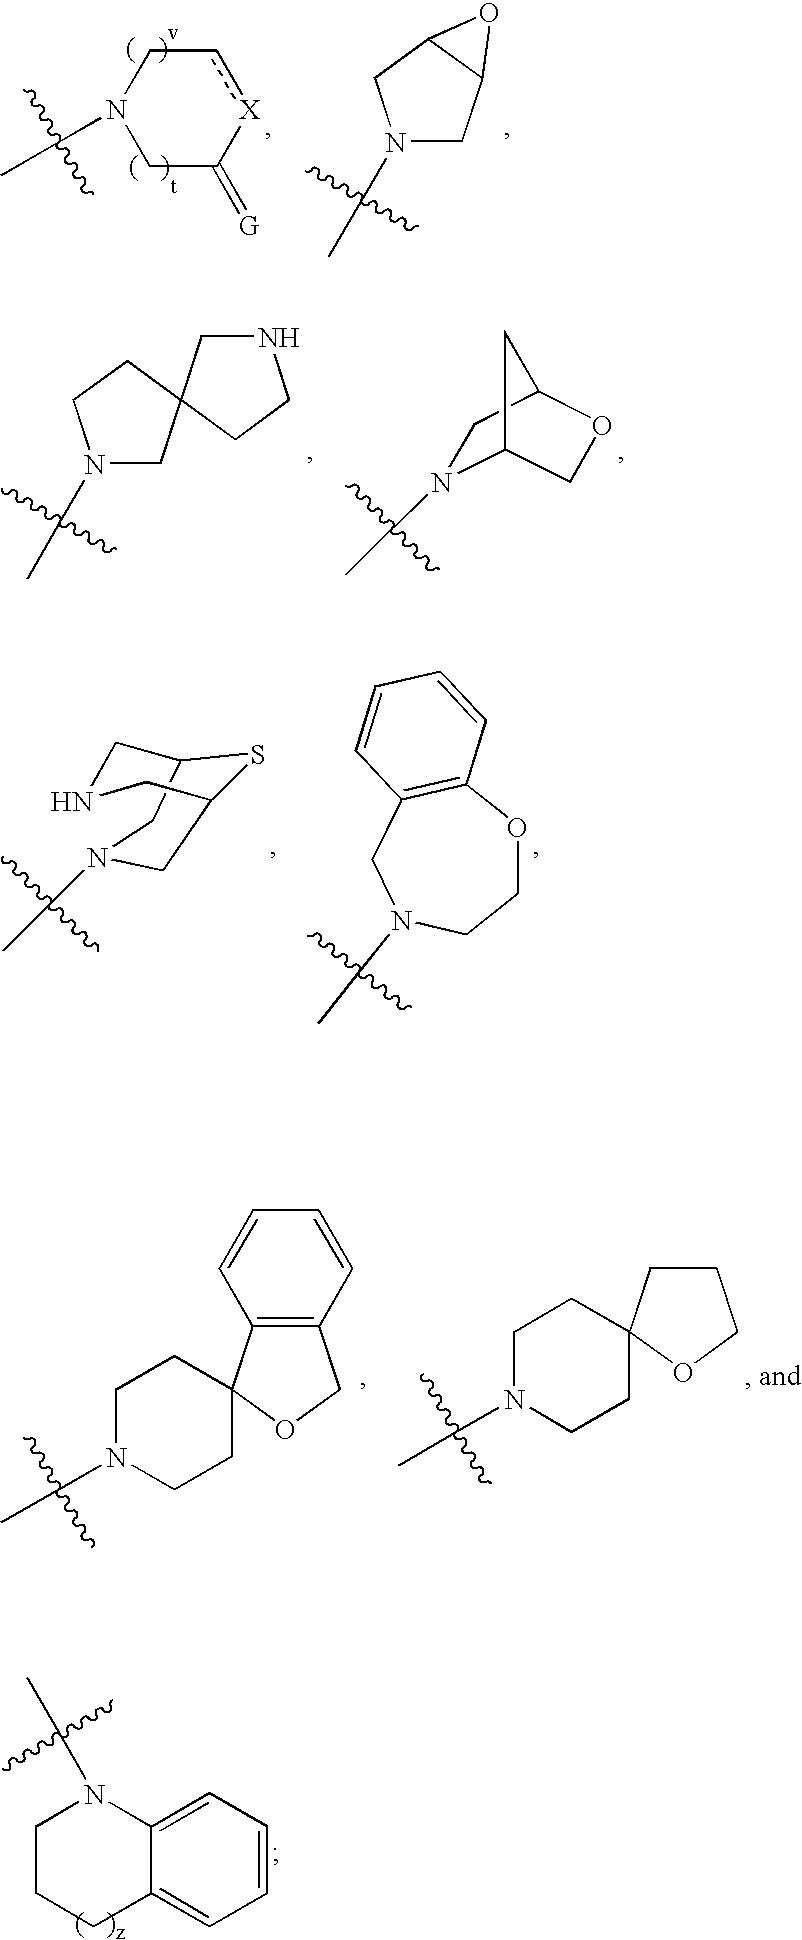 Figure US20040102360A1-20040527-C00015